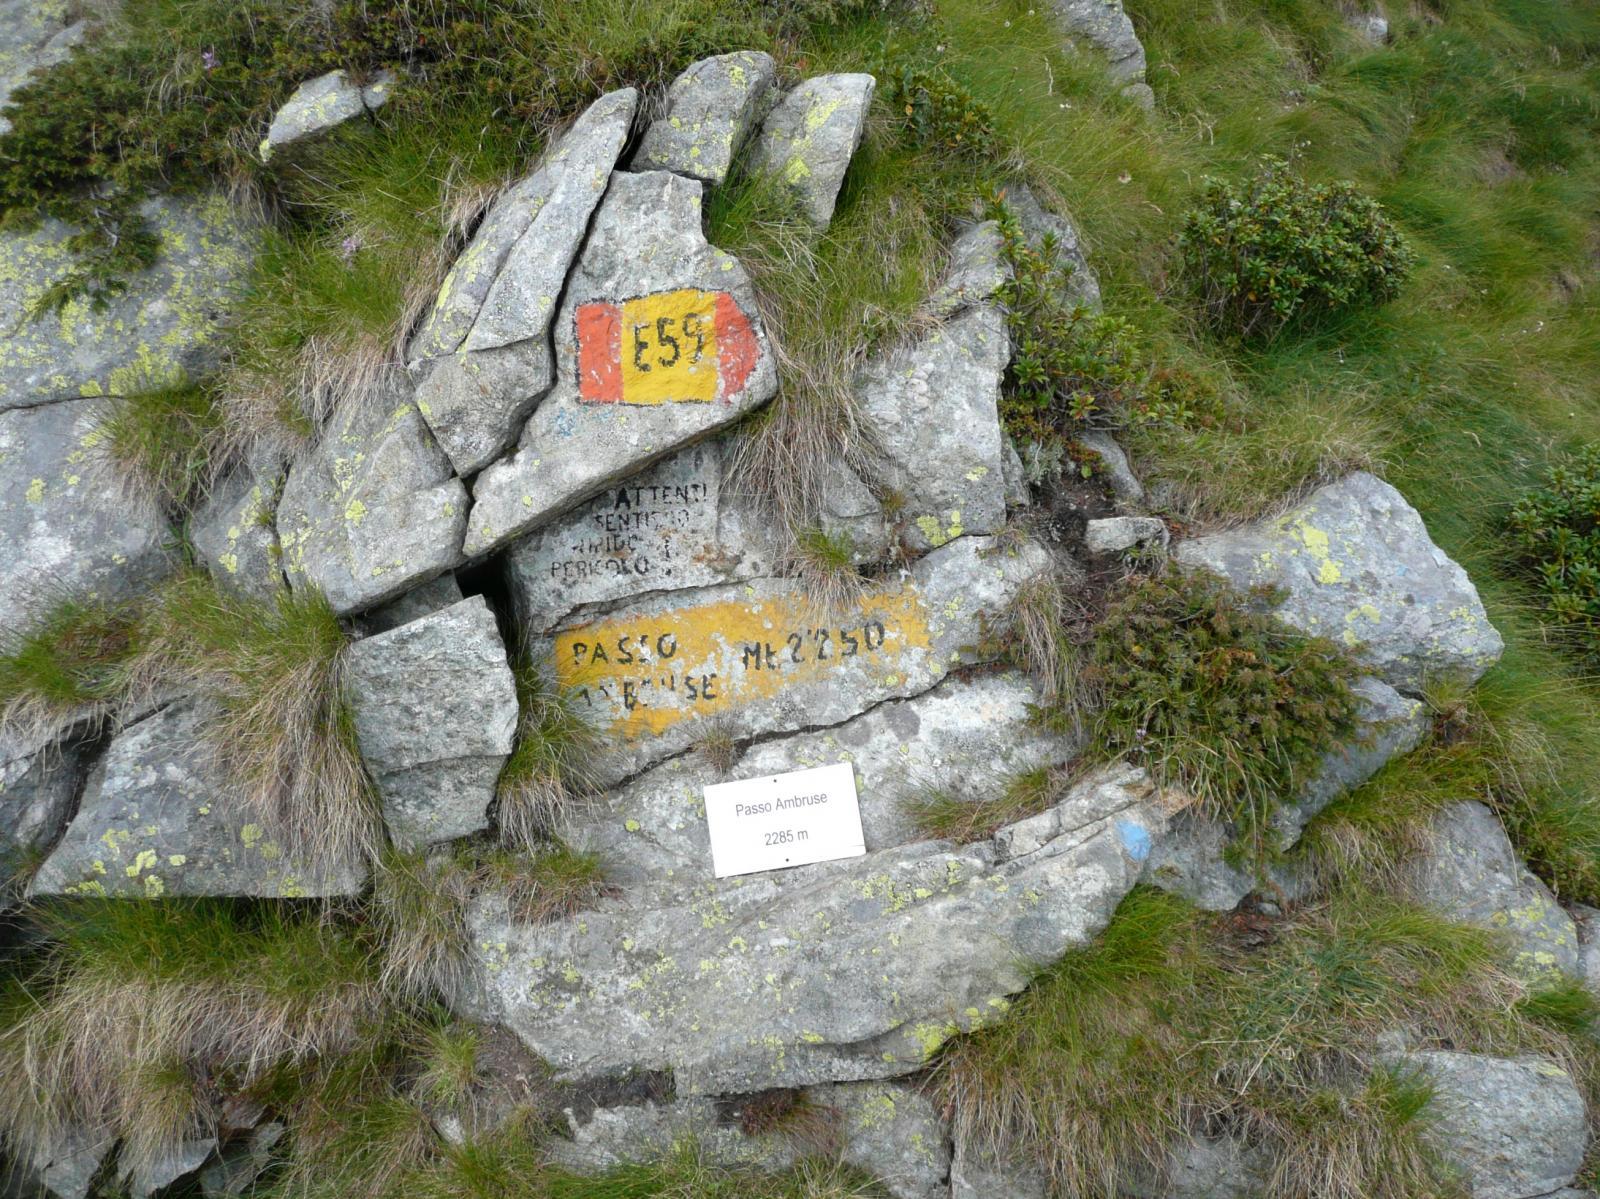 il Passo Ambruse, punto più alto della traversata